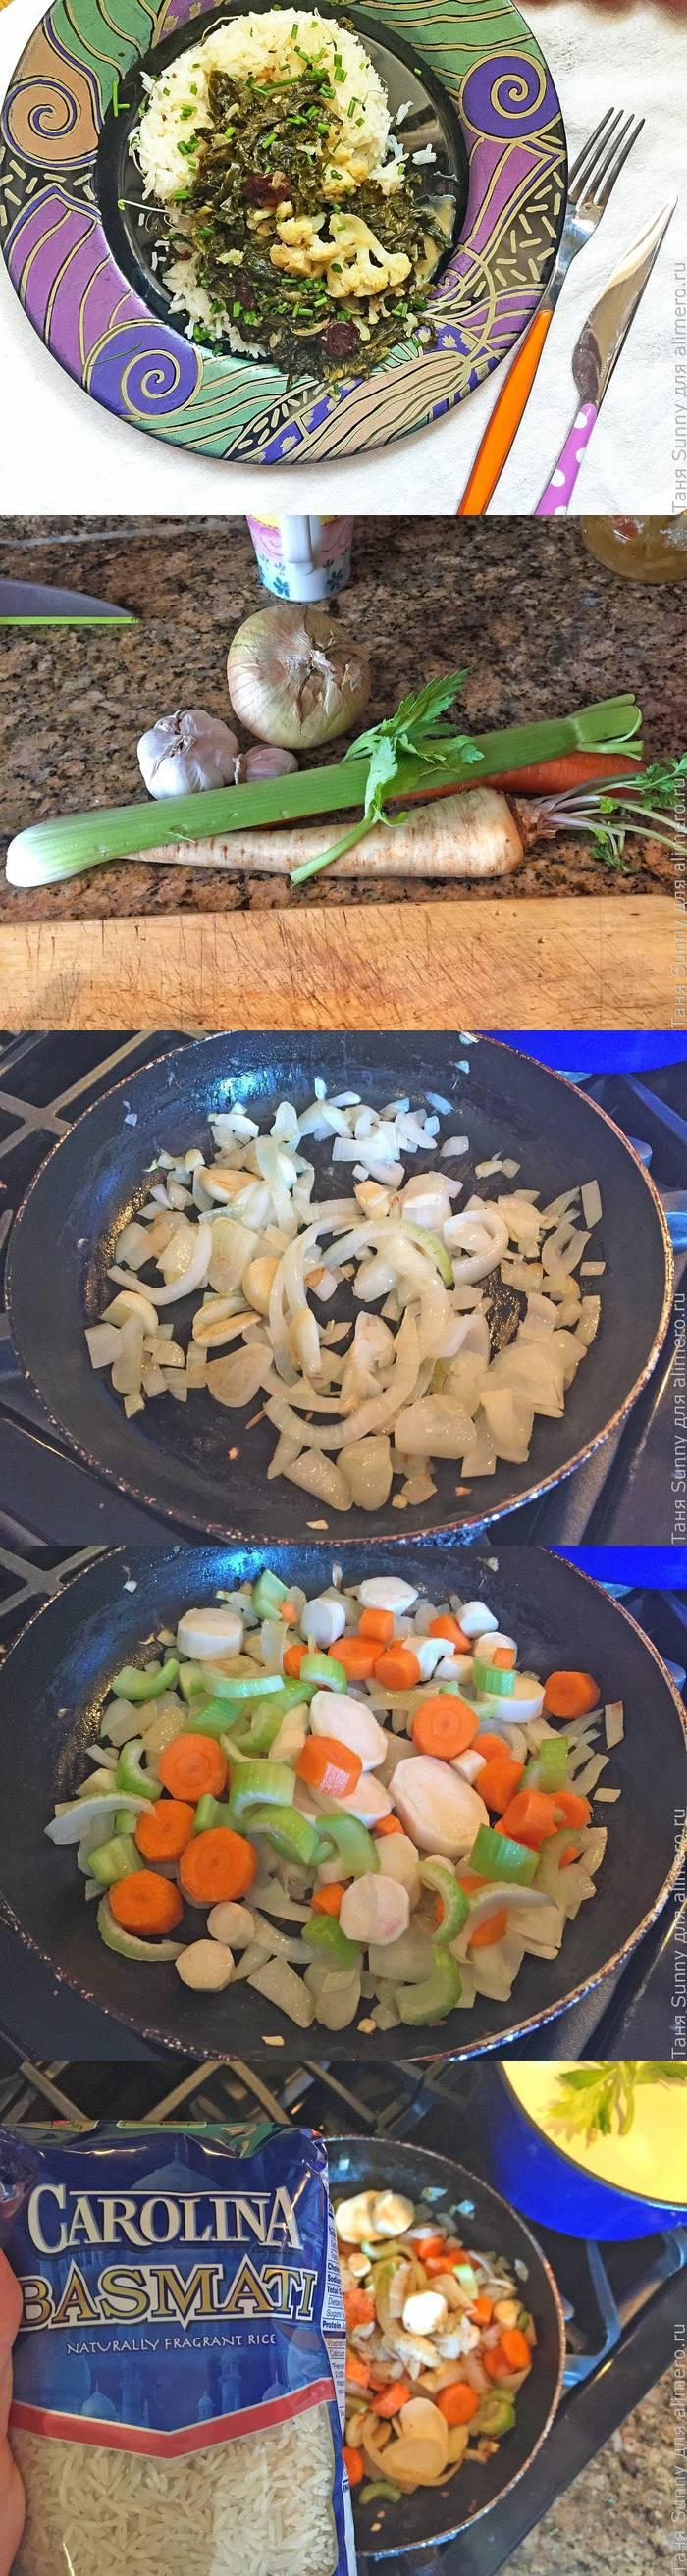 Веганский рецепт: рис с капустой кейл в ореховом соусе